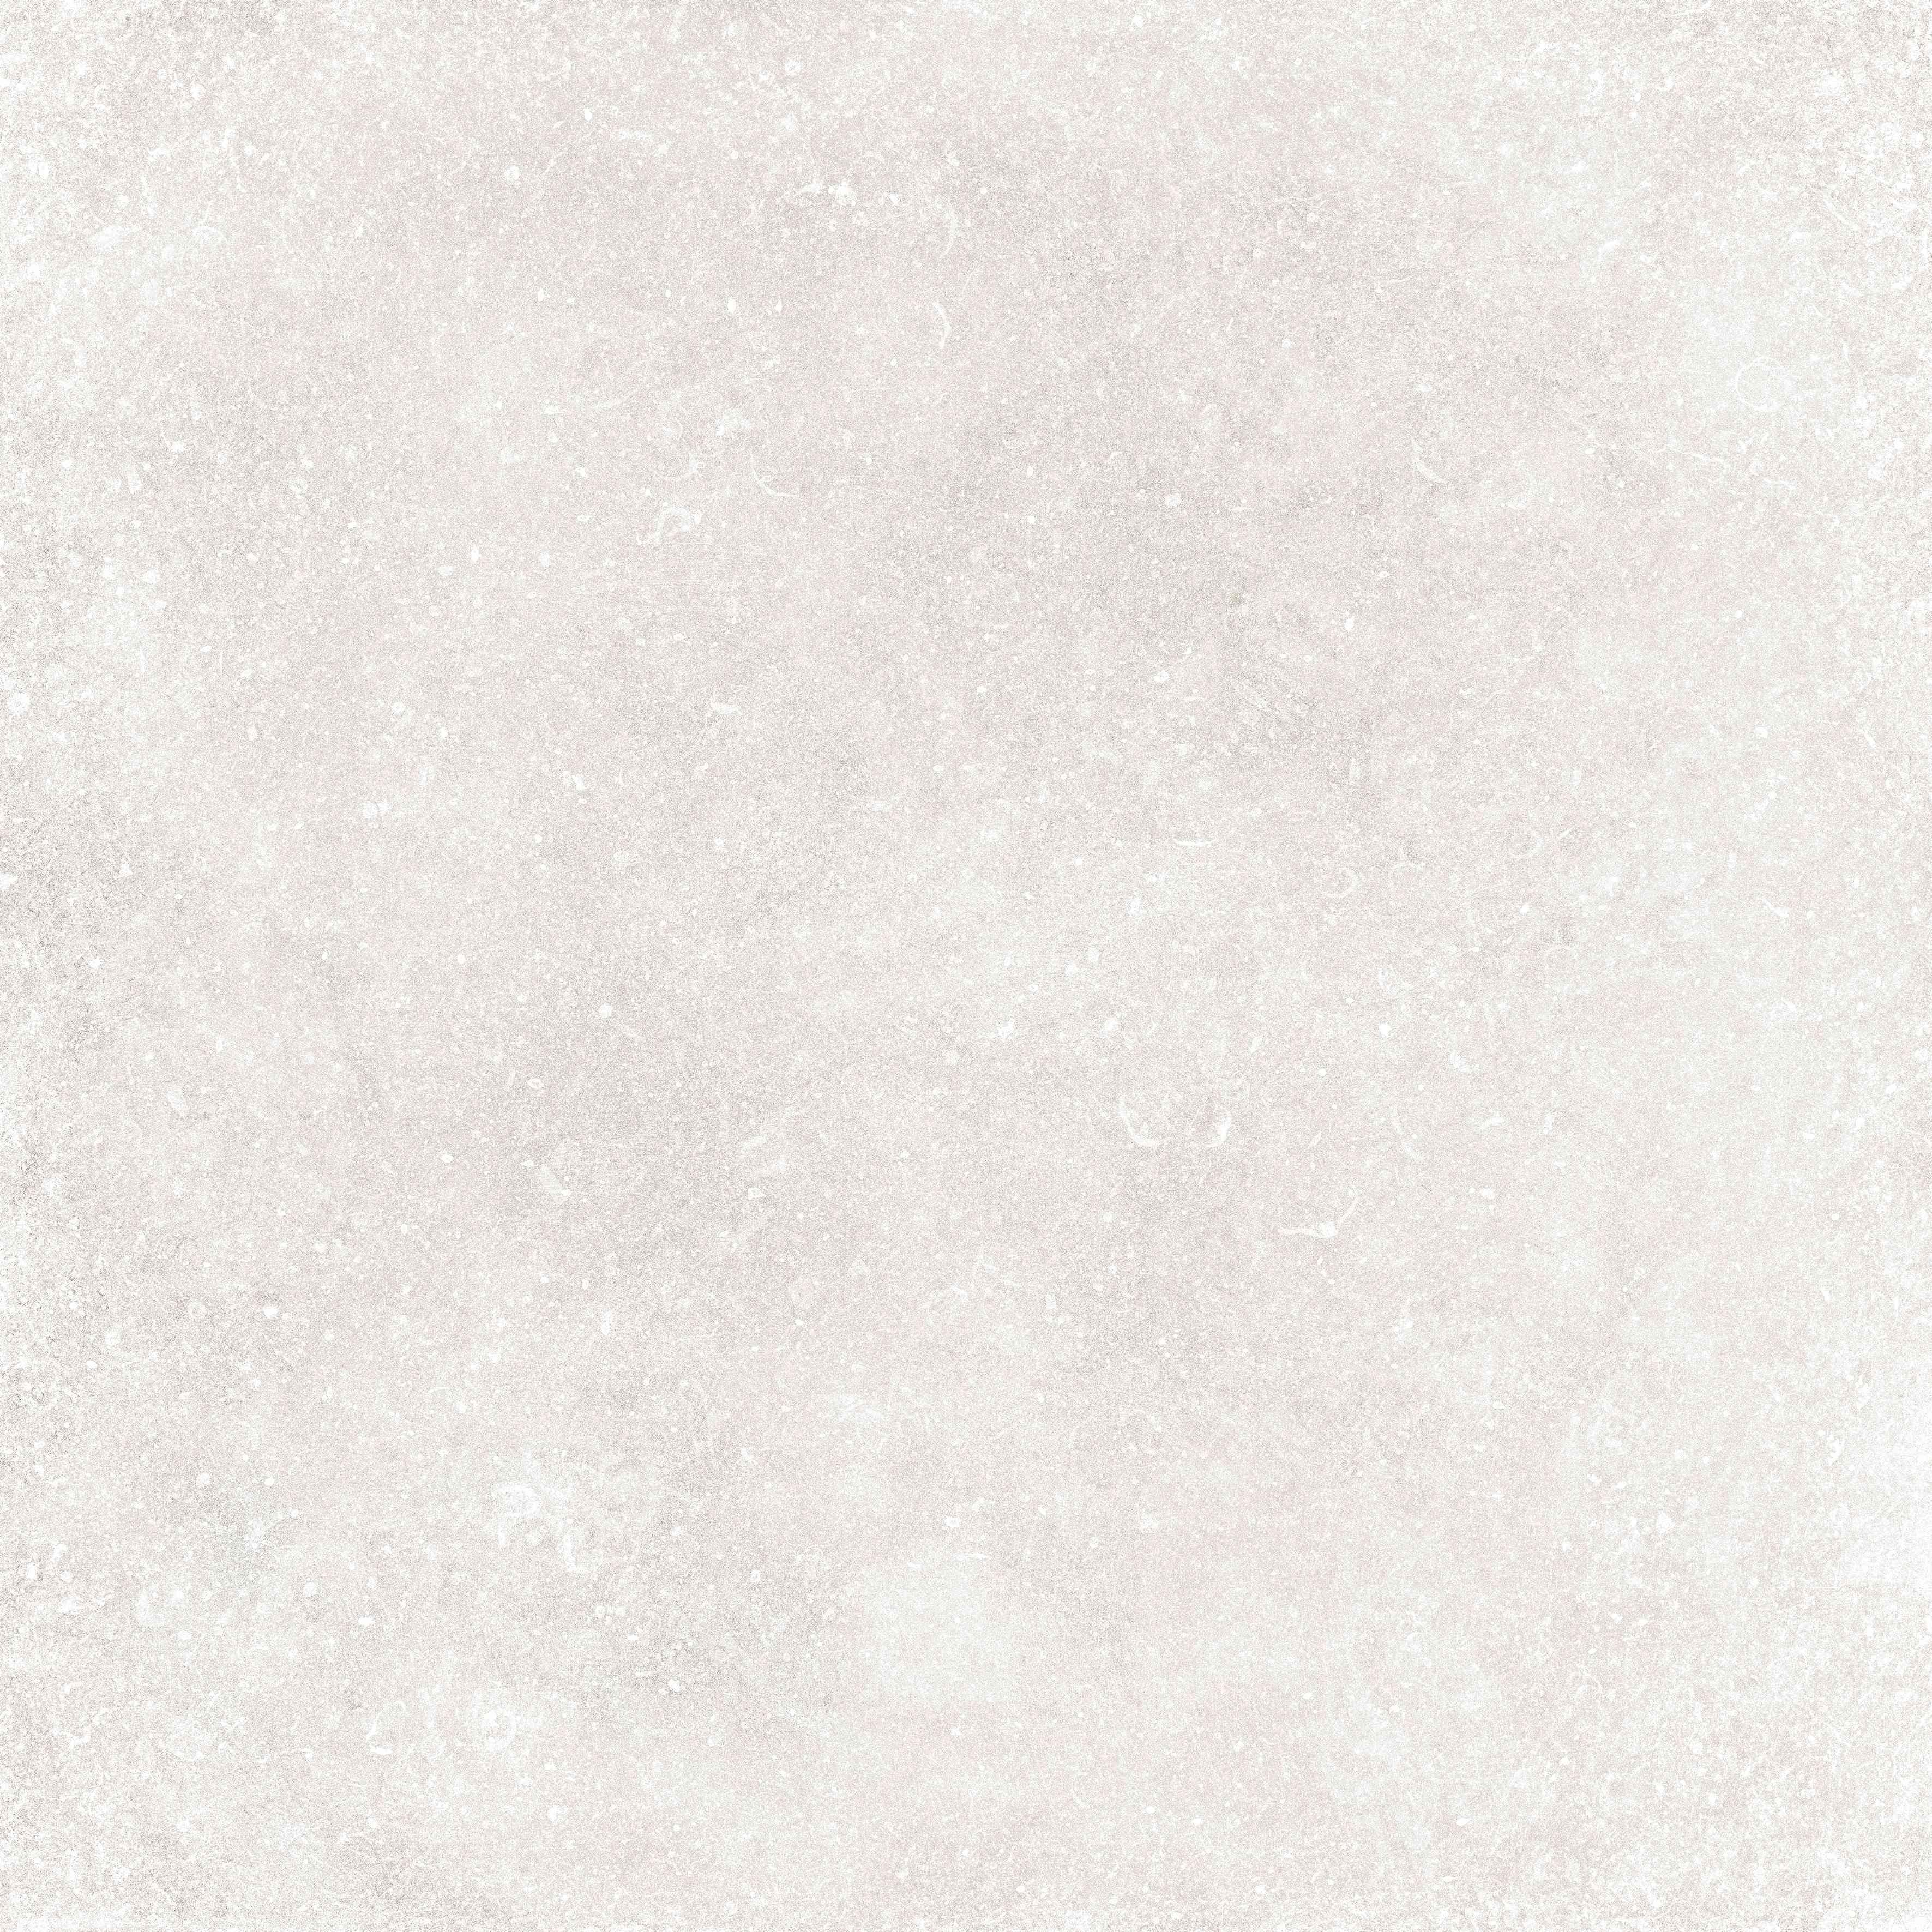 Плитка BIANCO (ZRXPZ1R) изображение 5